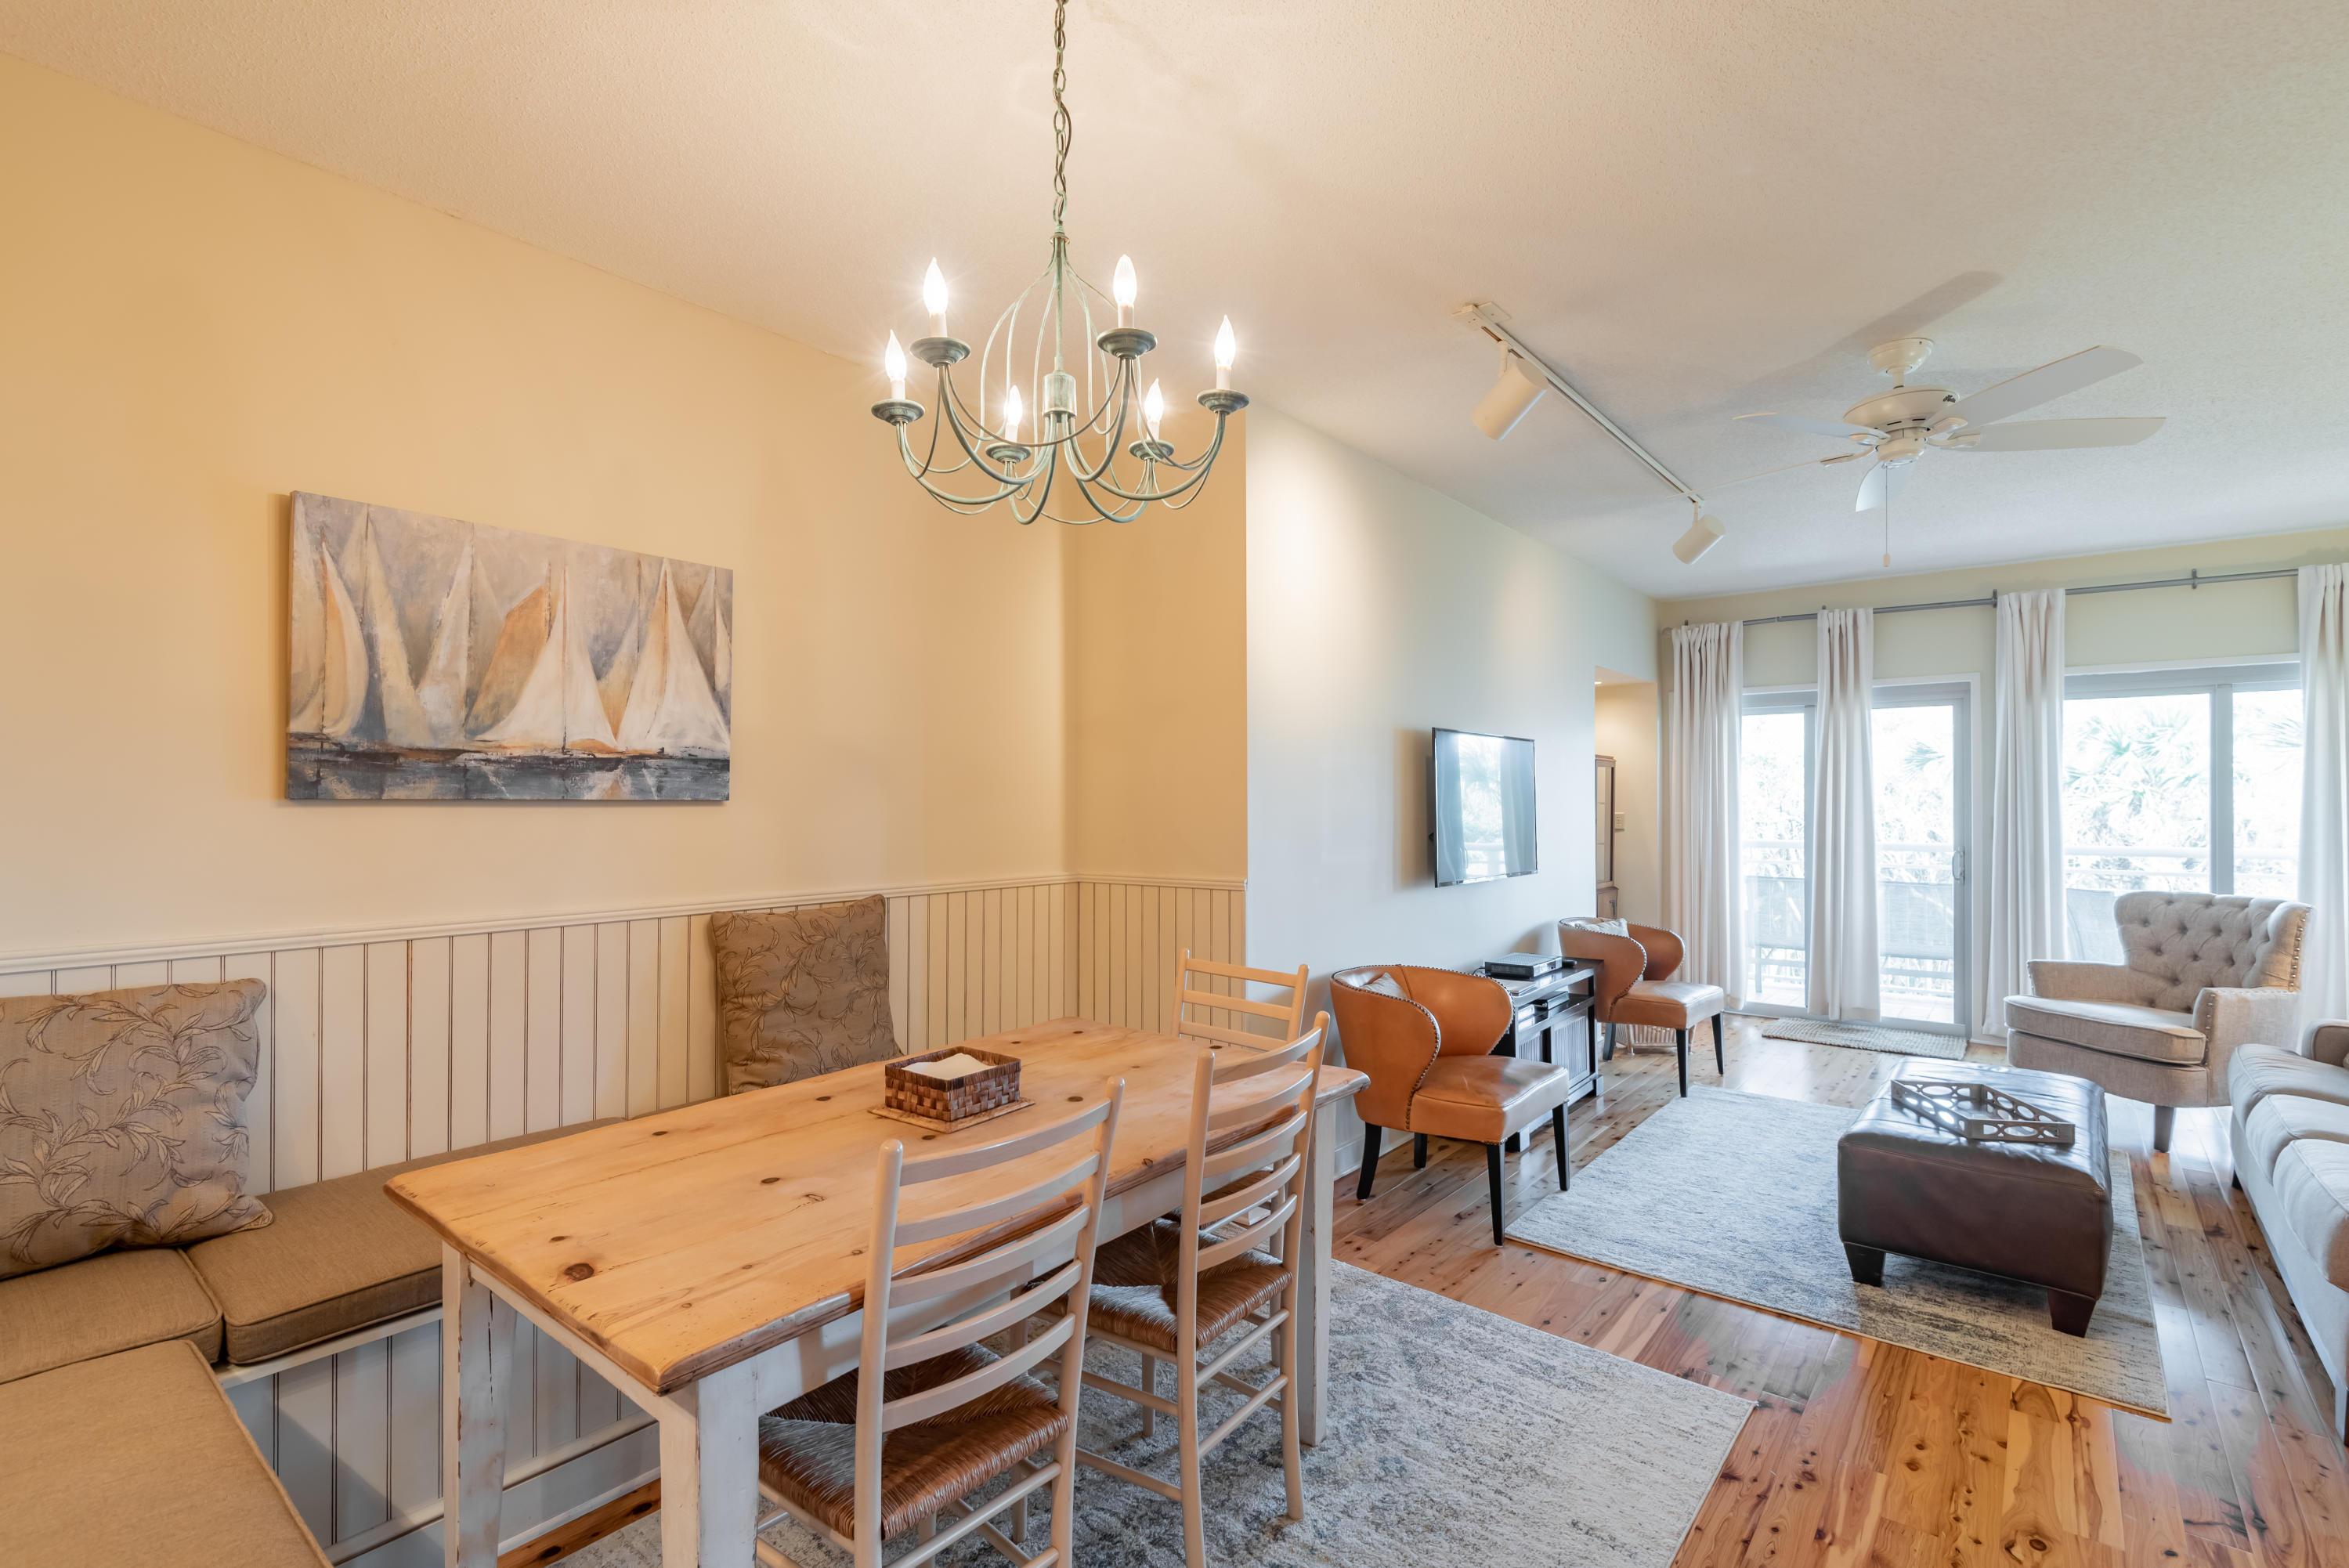 Kiawah Island Homes For Sale - 5114 Sea Forest, Kiawah Island, SC - 10